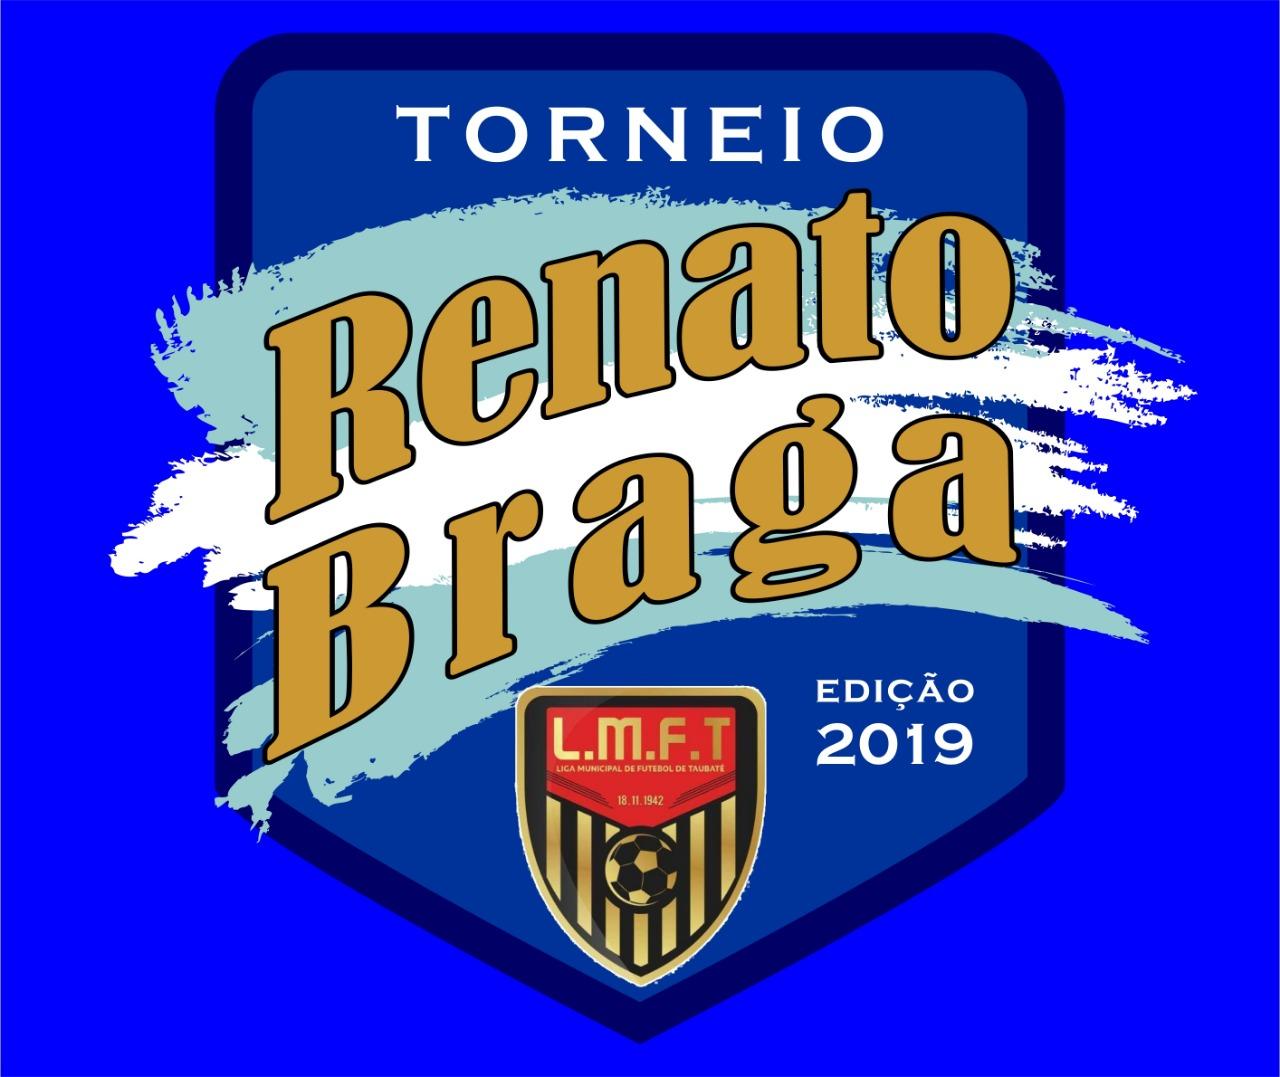 renato Braga Voltou!